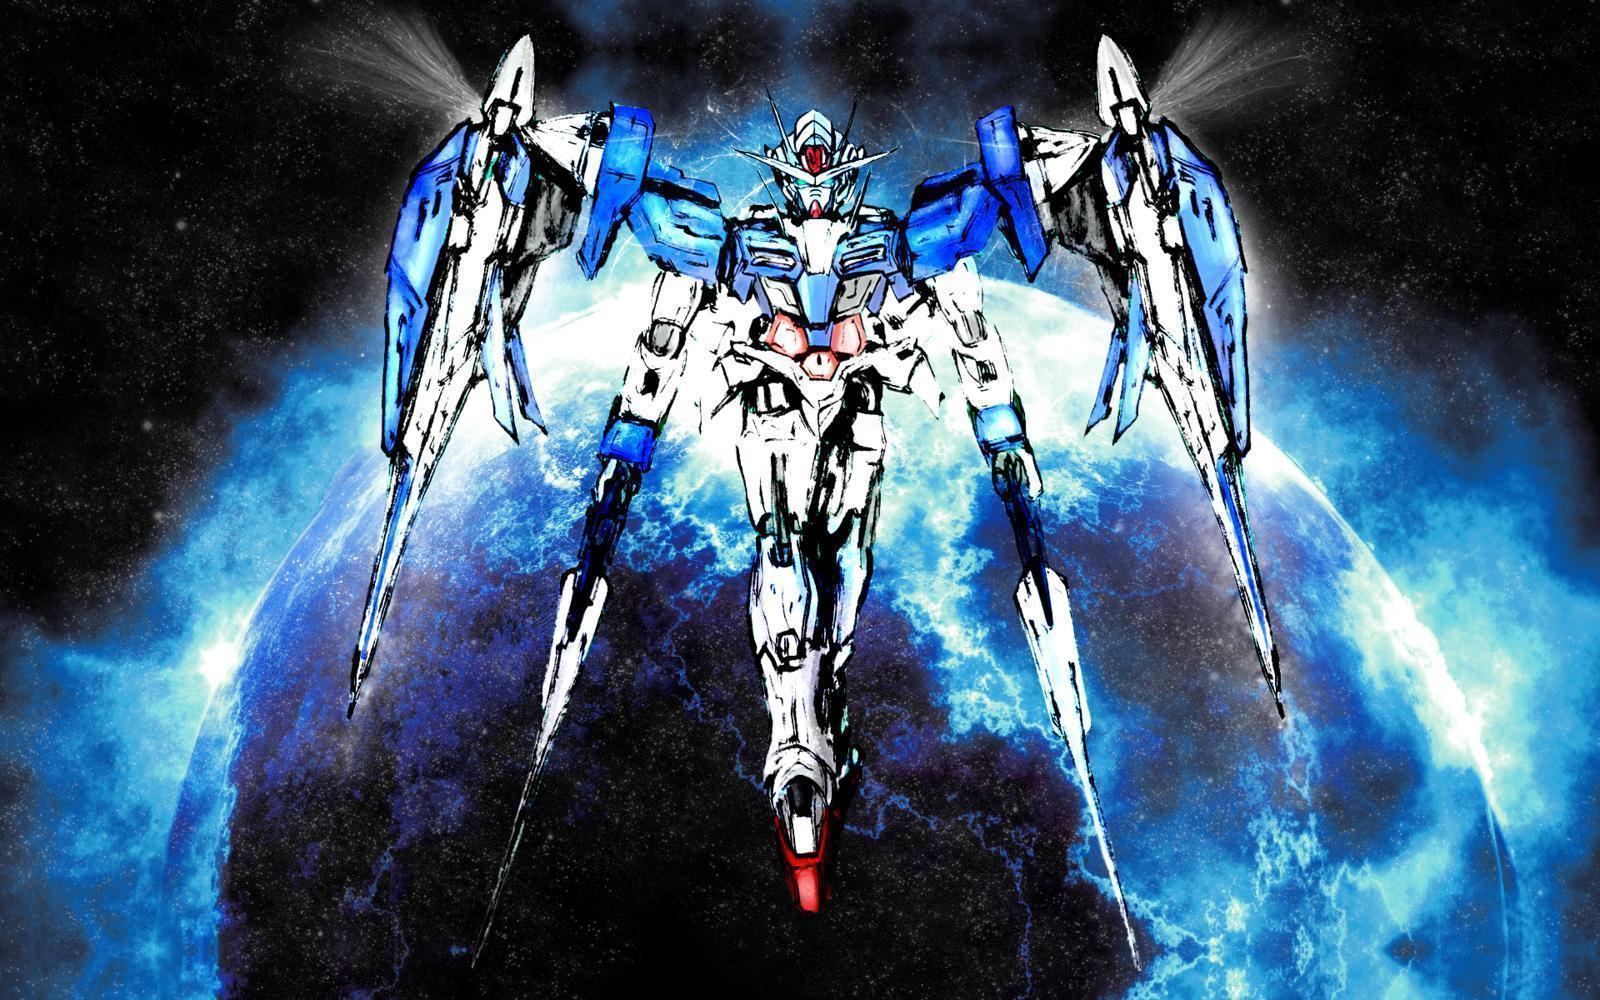 Gundam 00 hd wallpapers wallpaper cave - Gundam wallpaper hd ...